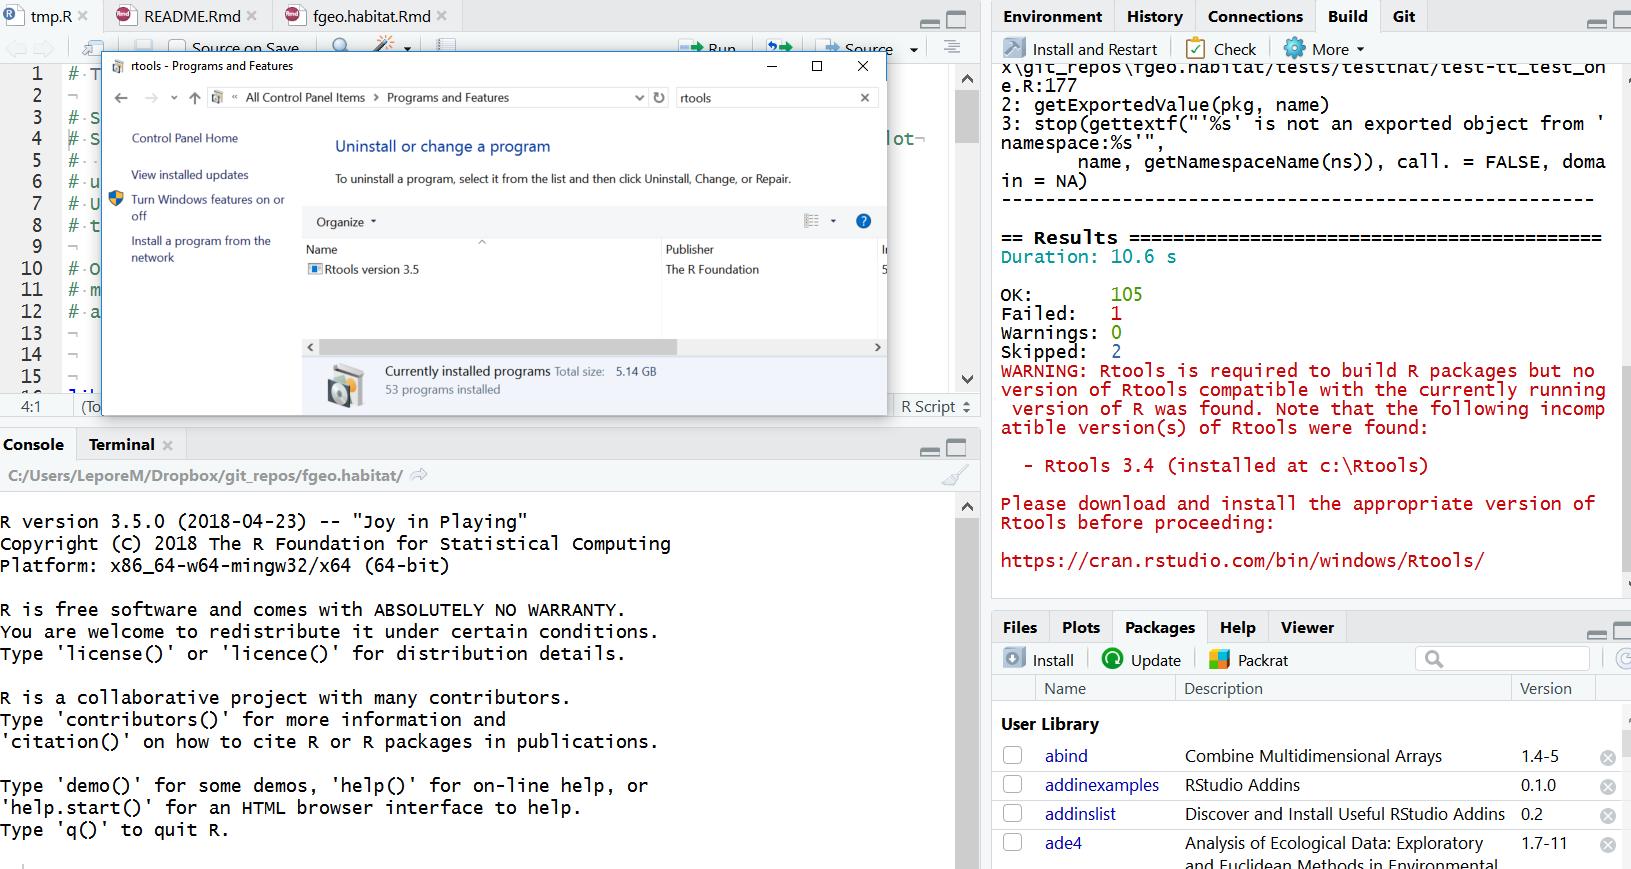 Error creating registry key · Issue #5 · rwinlib/rtools35